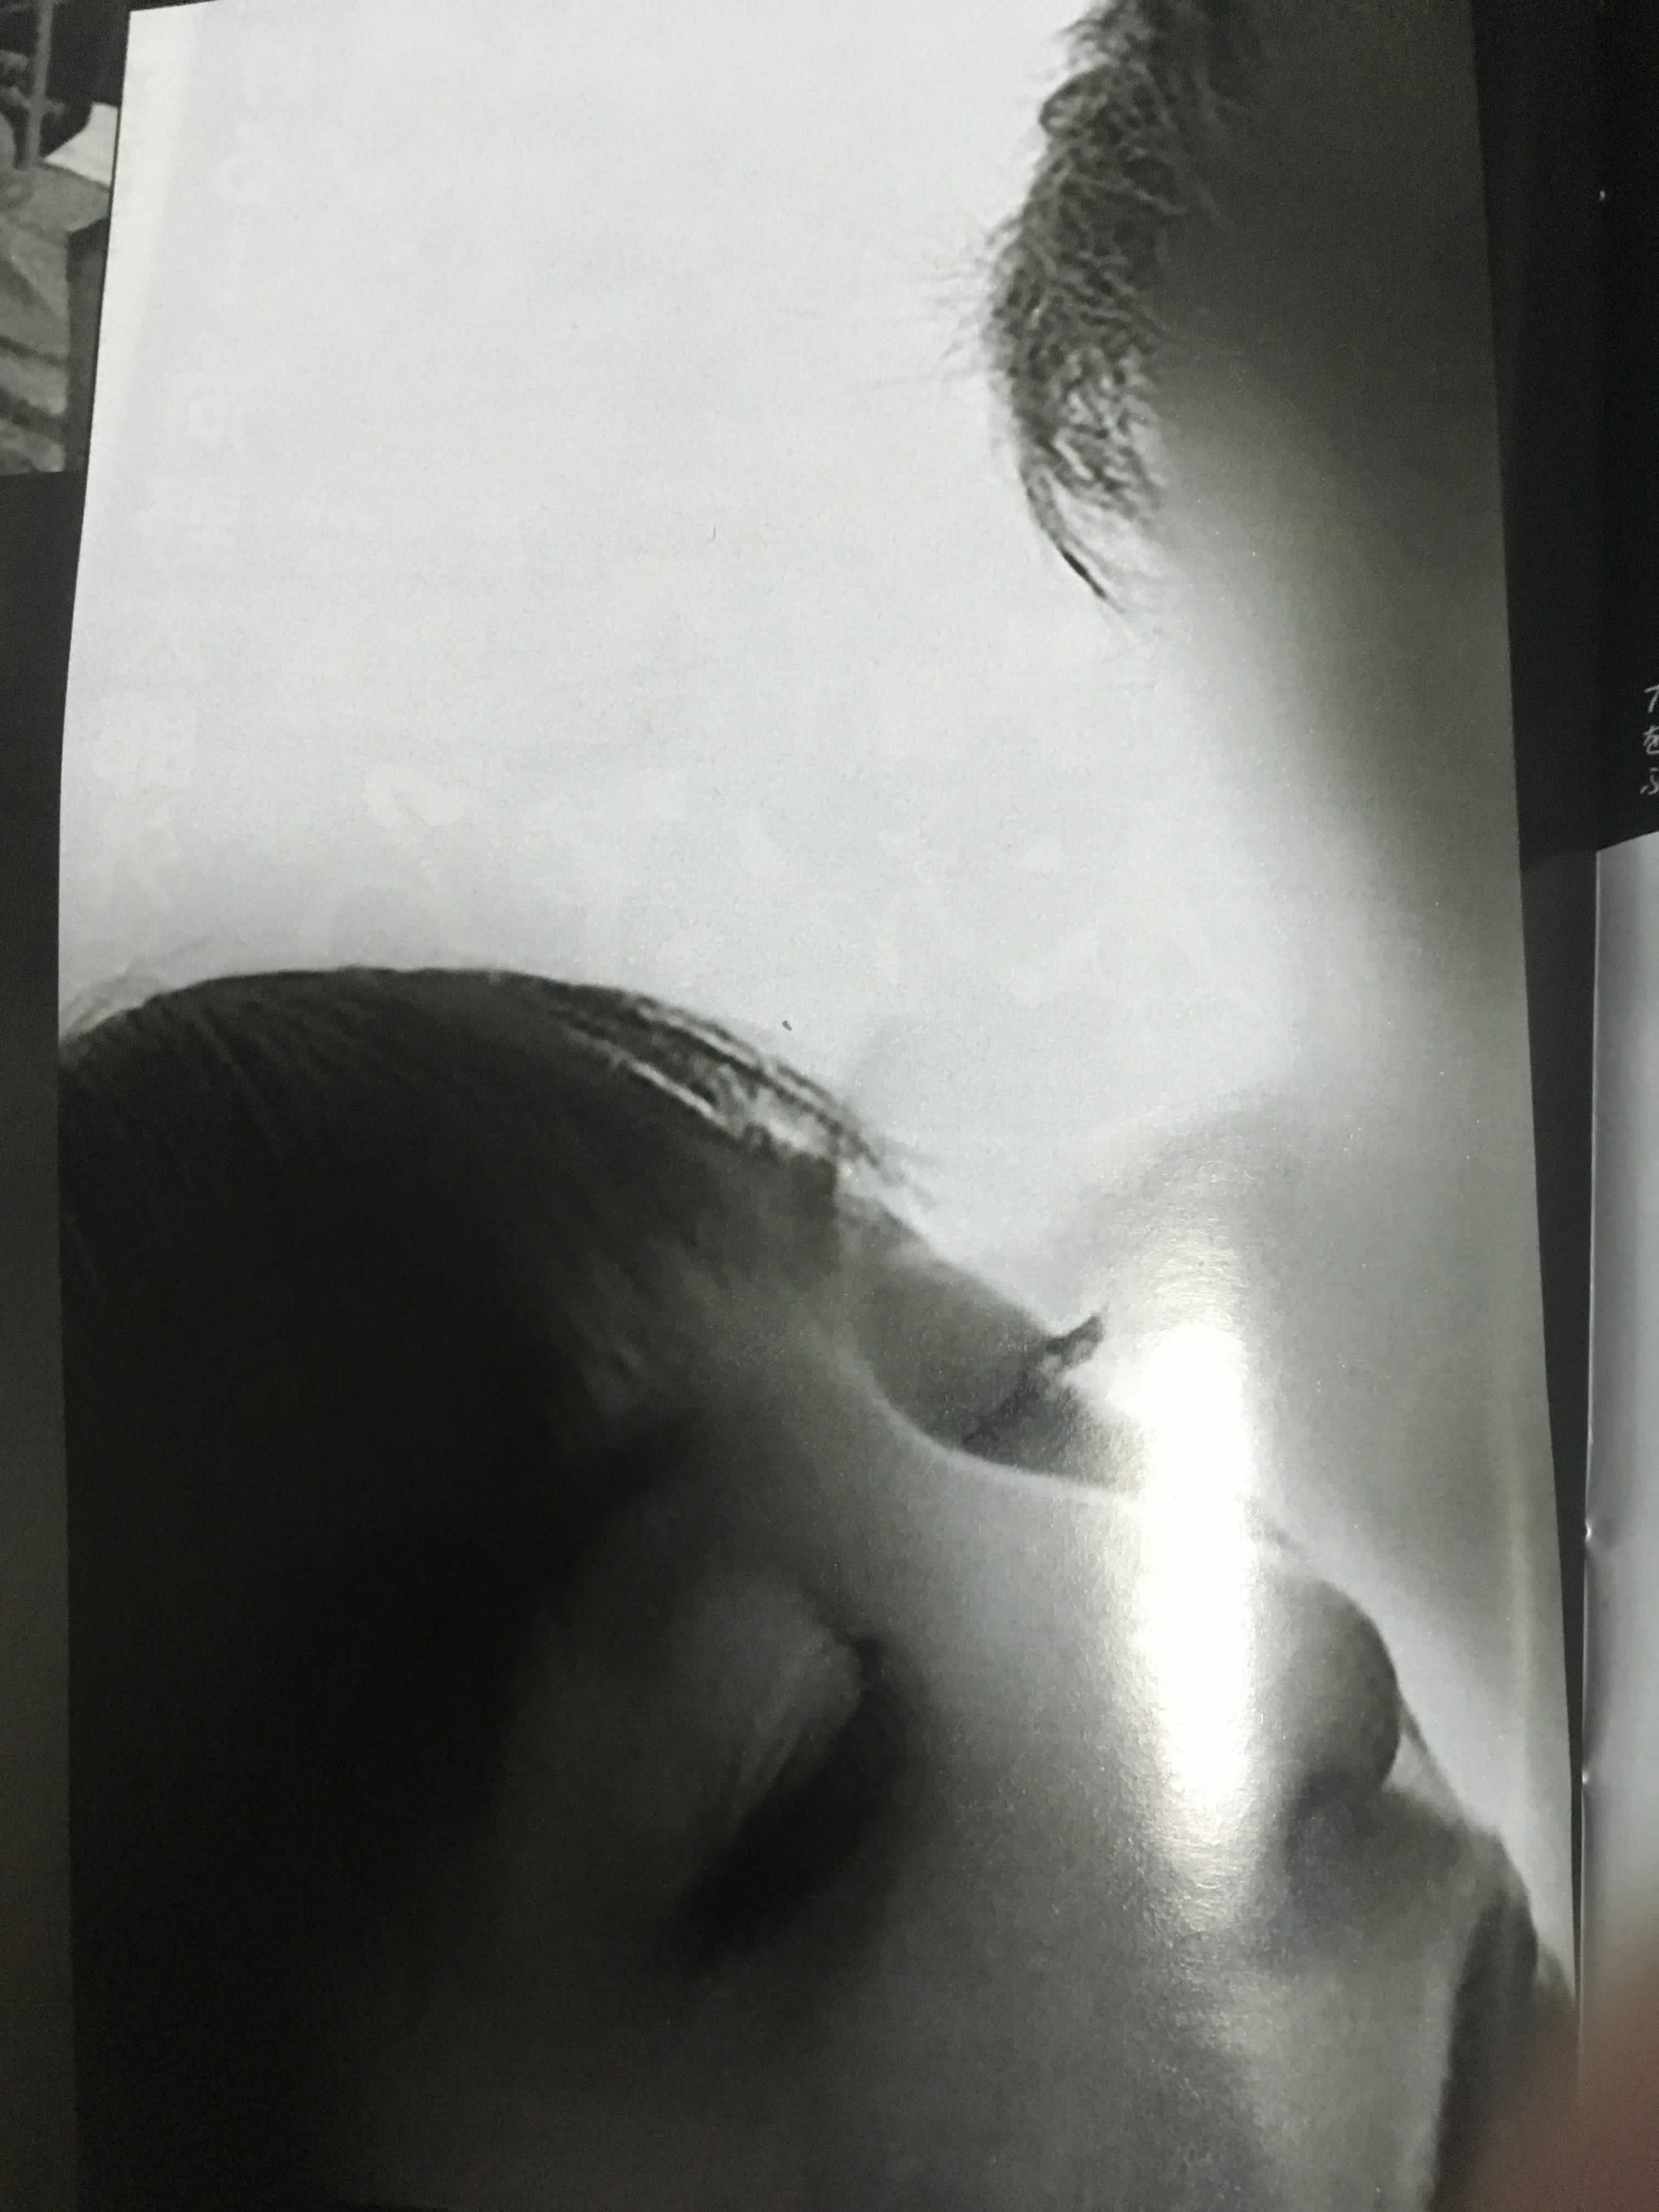 斉藤由貴「子供たちのために離婚は避けるべき」…キス報道に「深く反省」